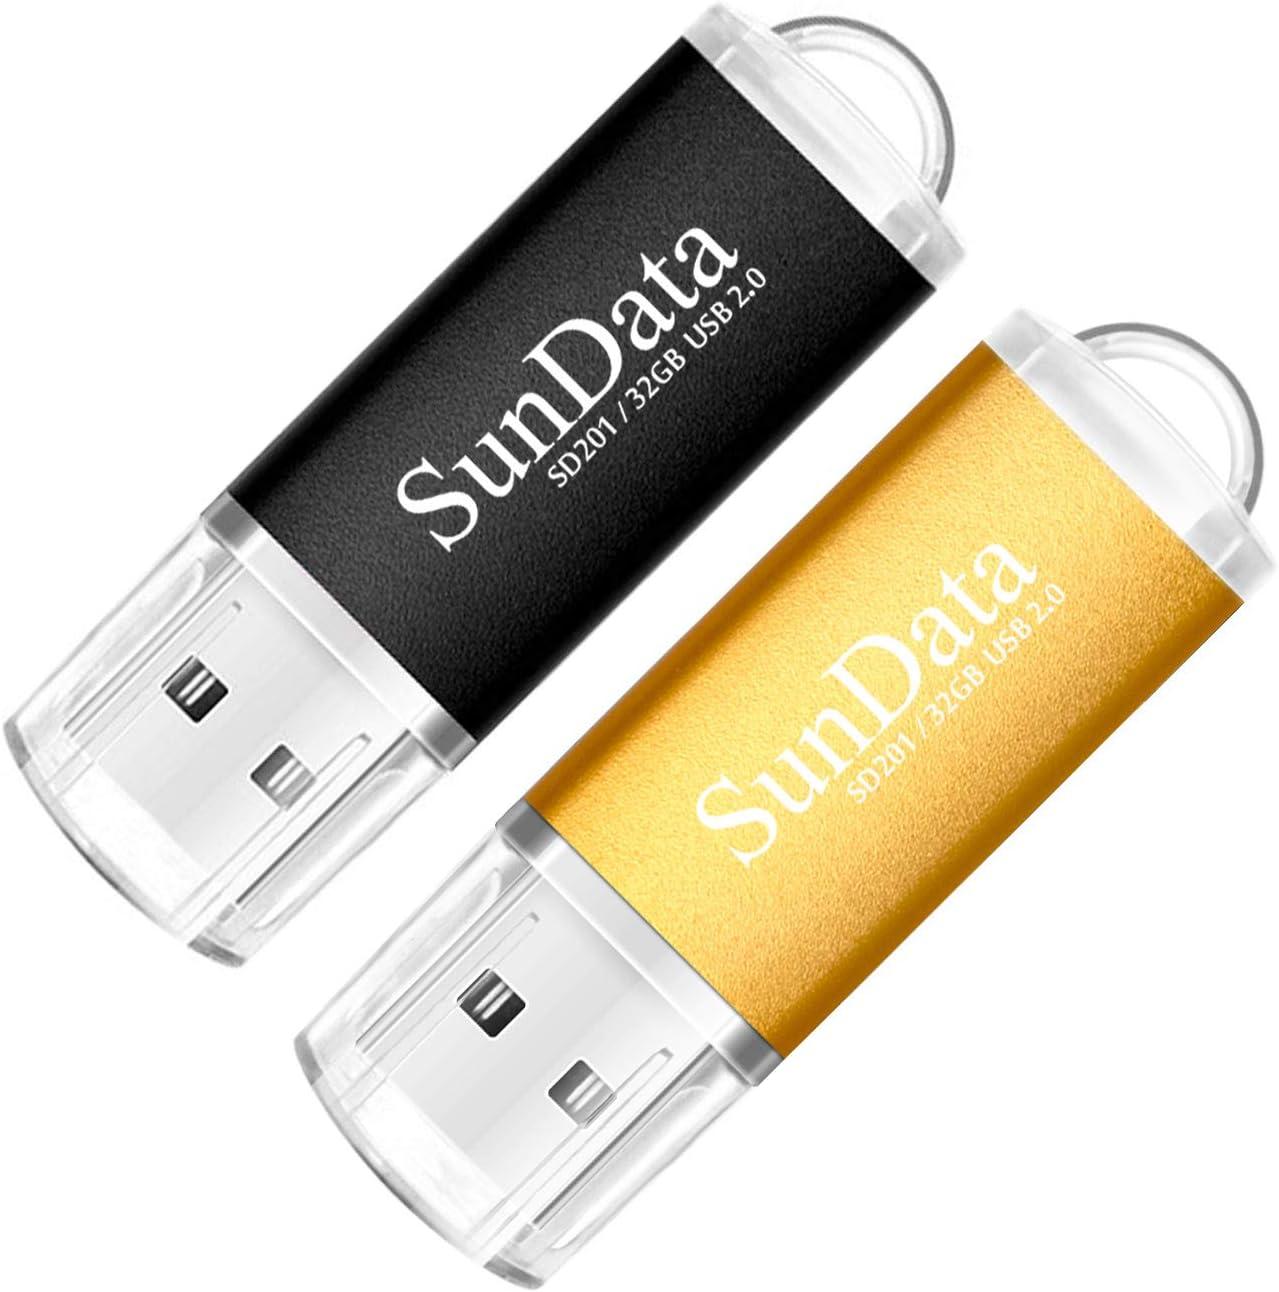 Sundata Usb Stick 32gb 2 Stück Usb 2 0 Speicherstick Computer Zubehör